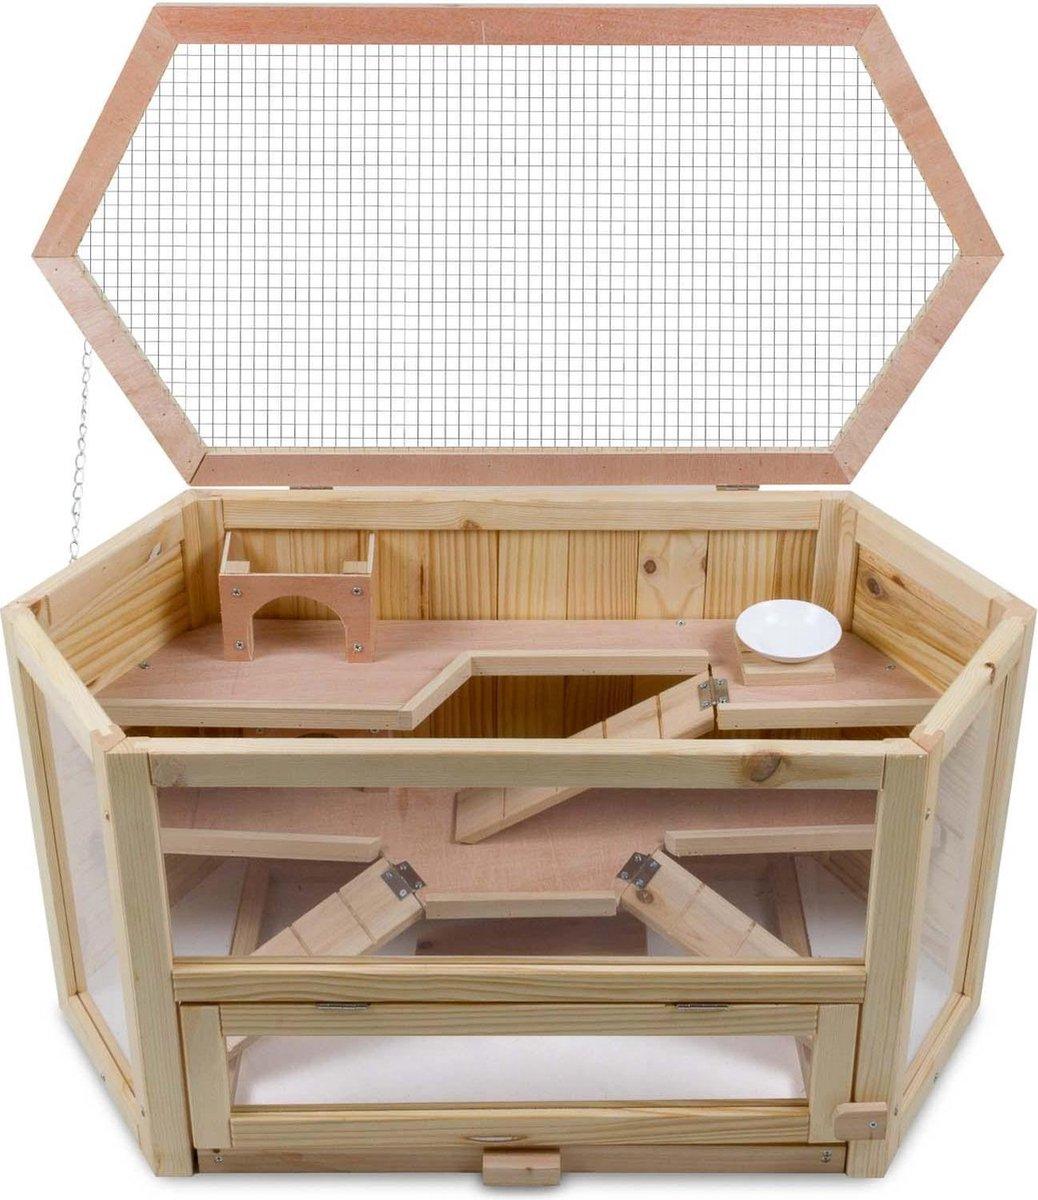 4animalz 3 laags houten Hamsterkooi/muizenkooi 80x40x43cm - zeshoekig